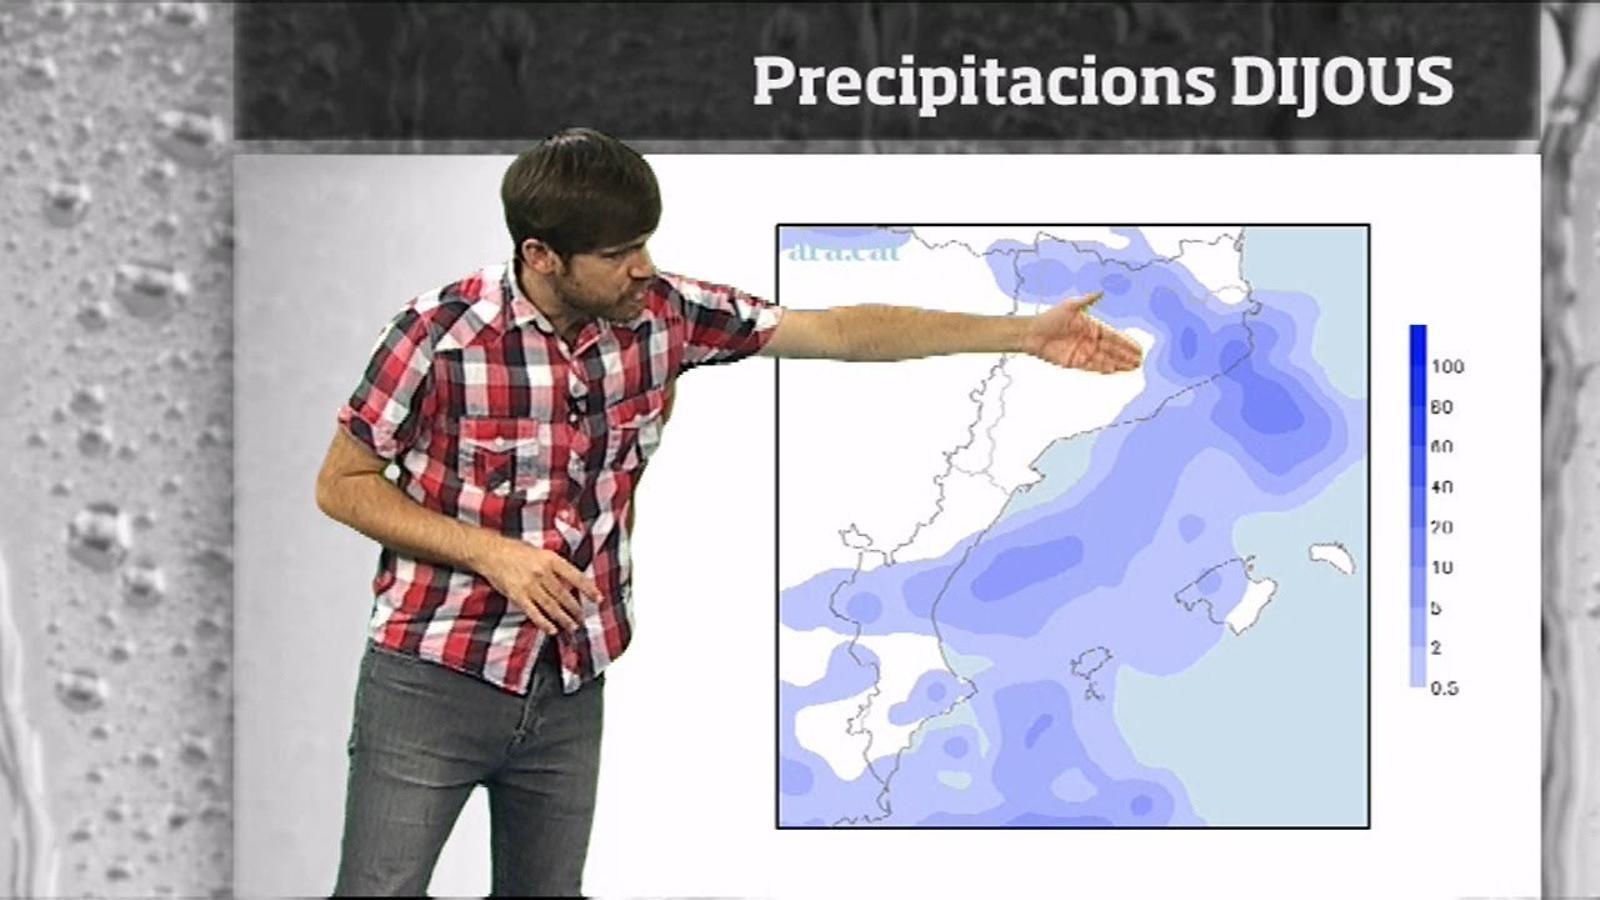 La méteo en 1 minut: tempestes i ambient fresc